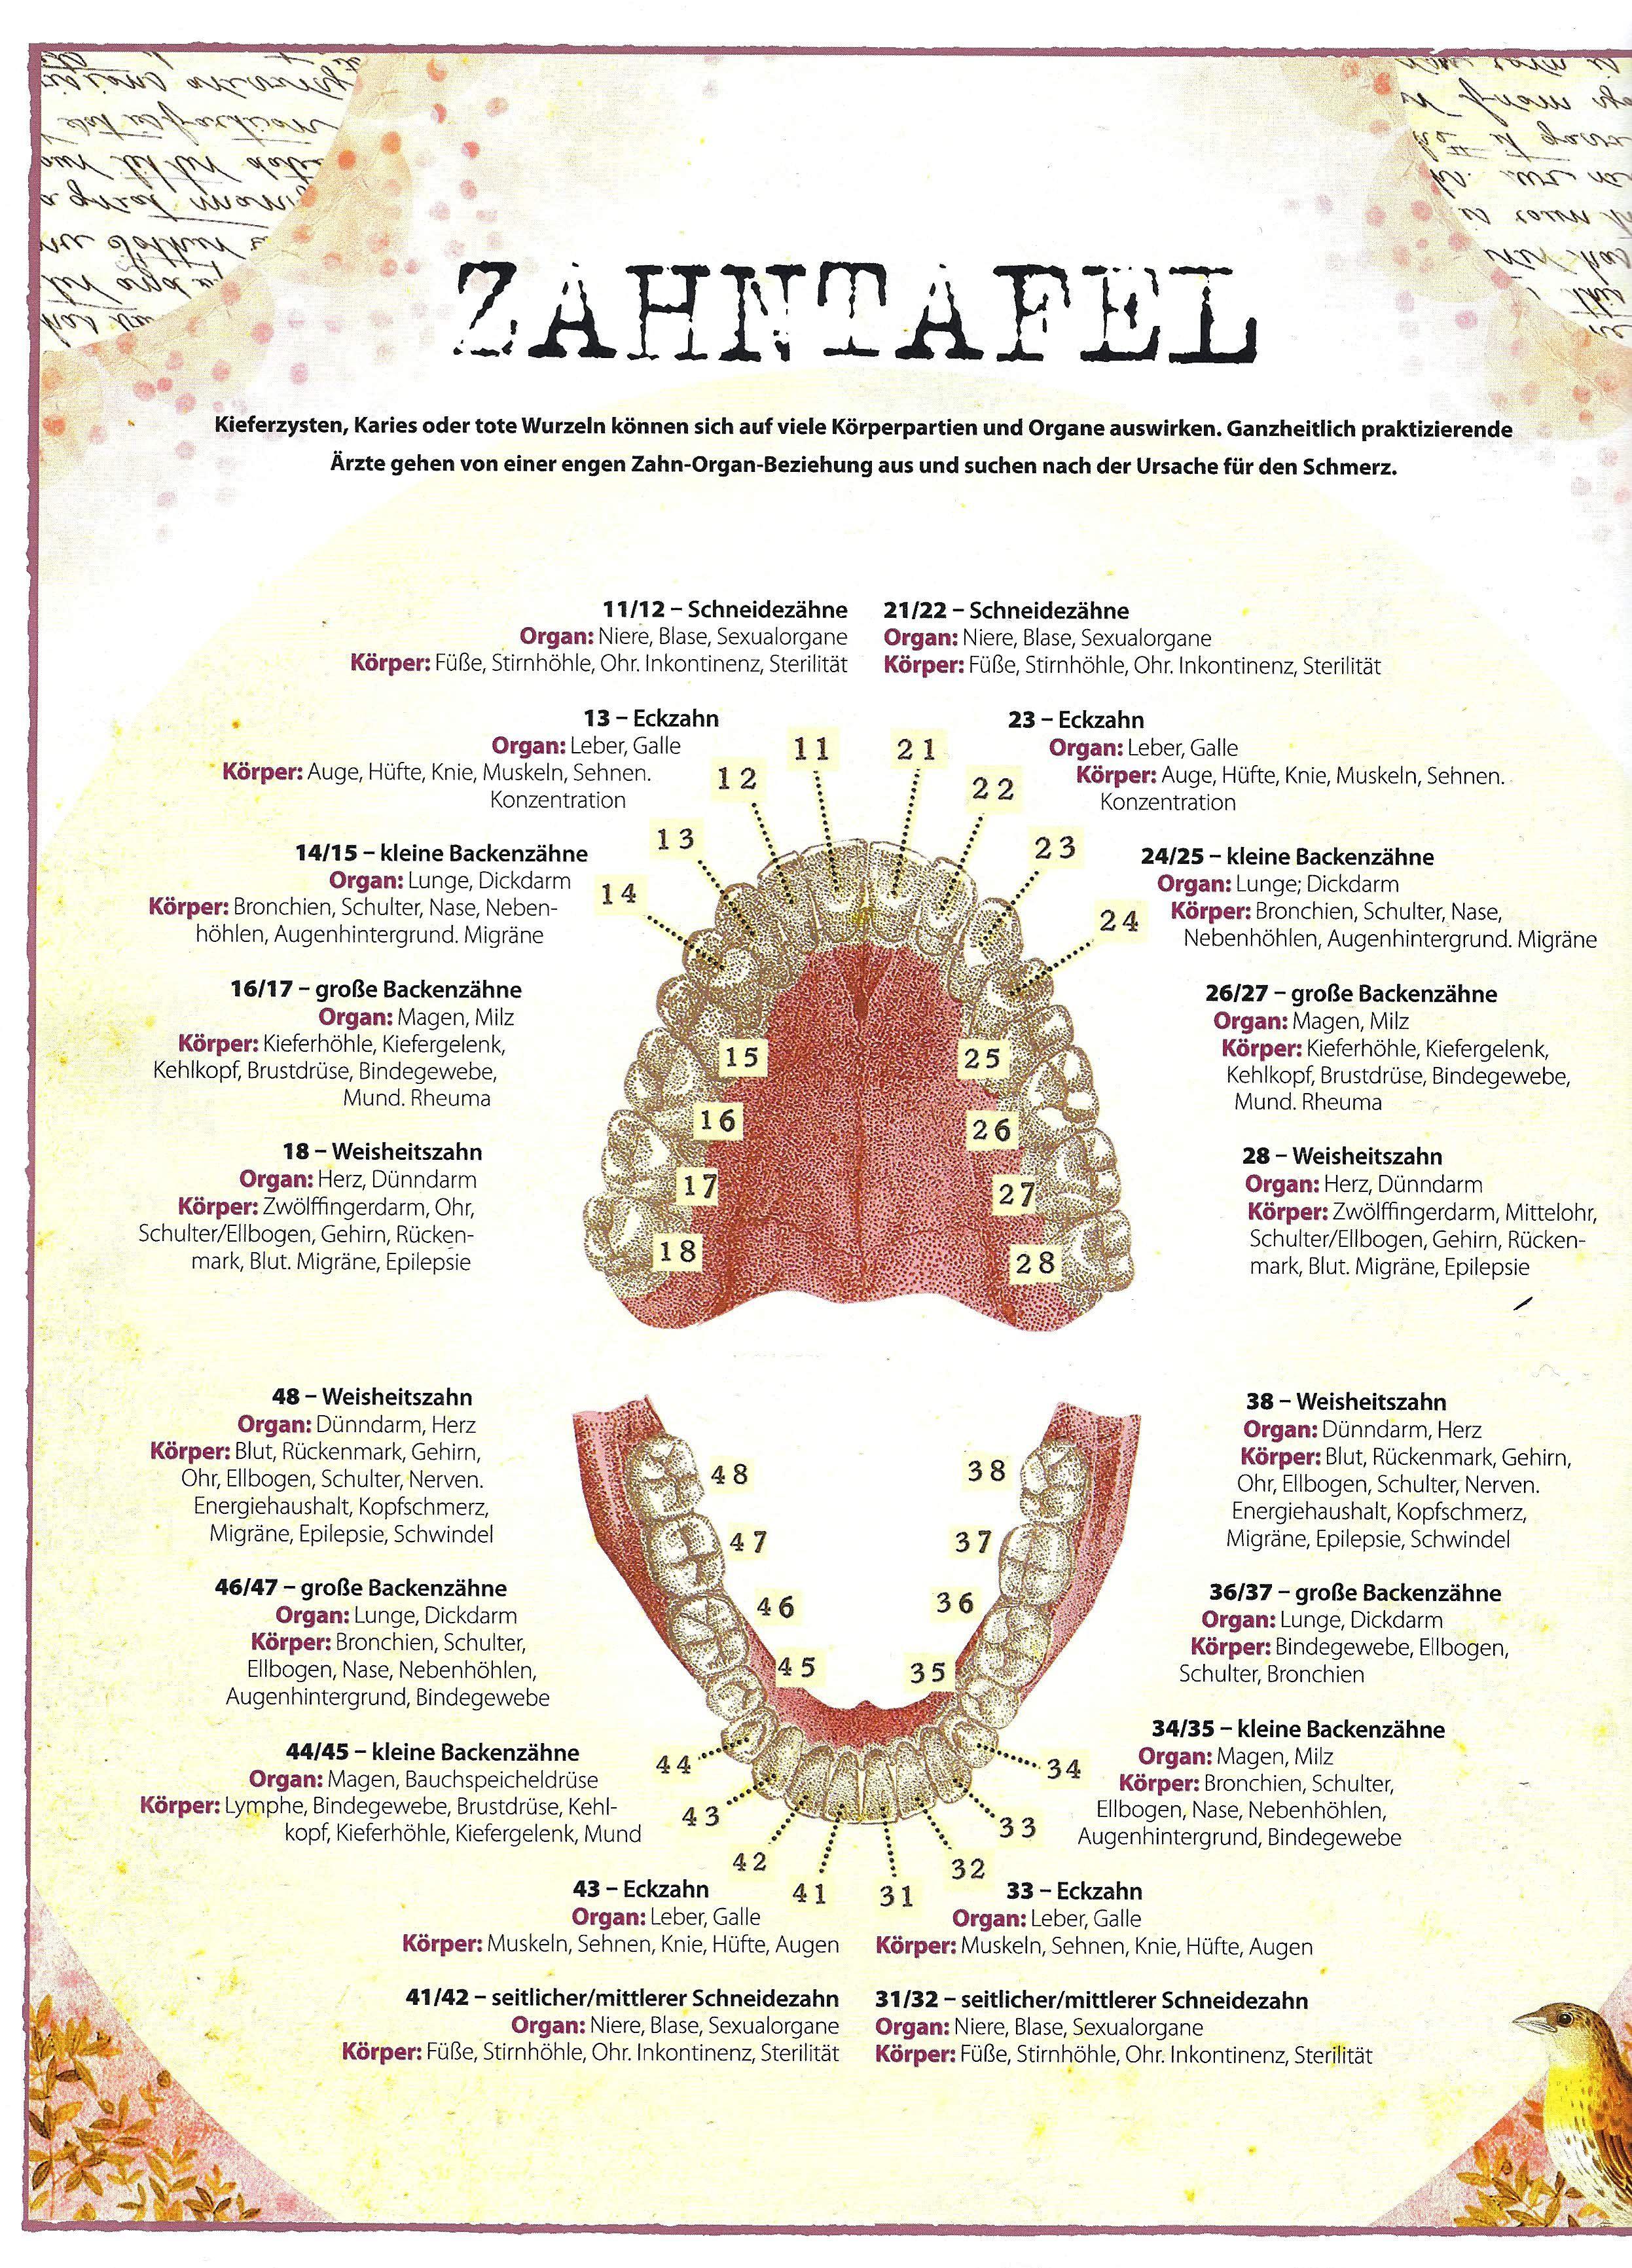 Bildergebnis für psychosomatik und zähne | Heilkräfte | Pinterest ...